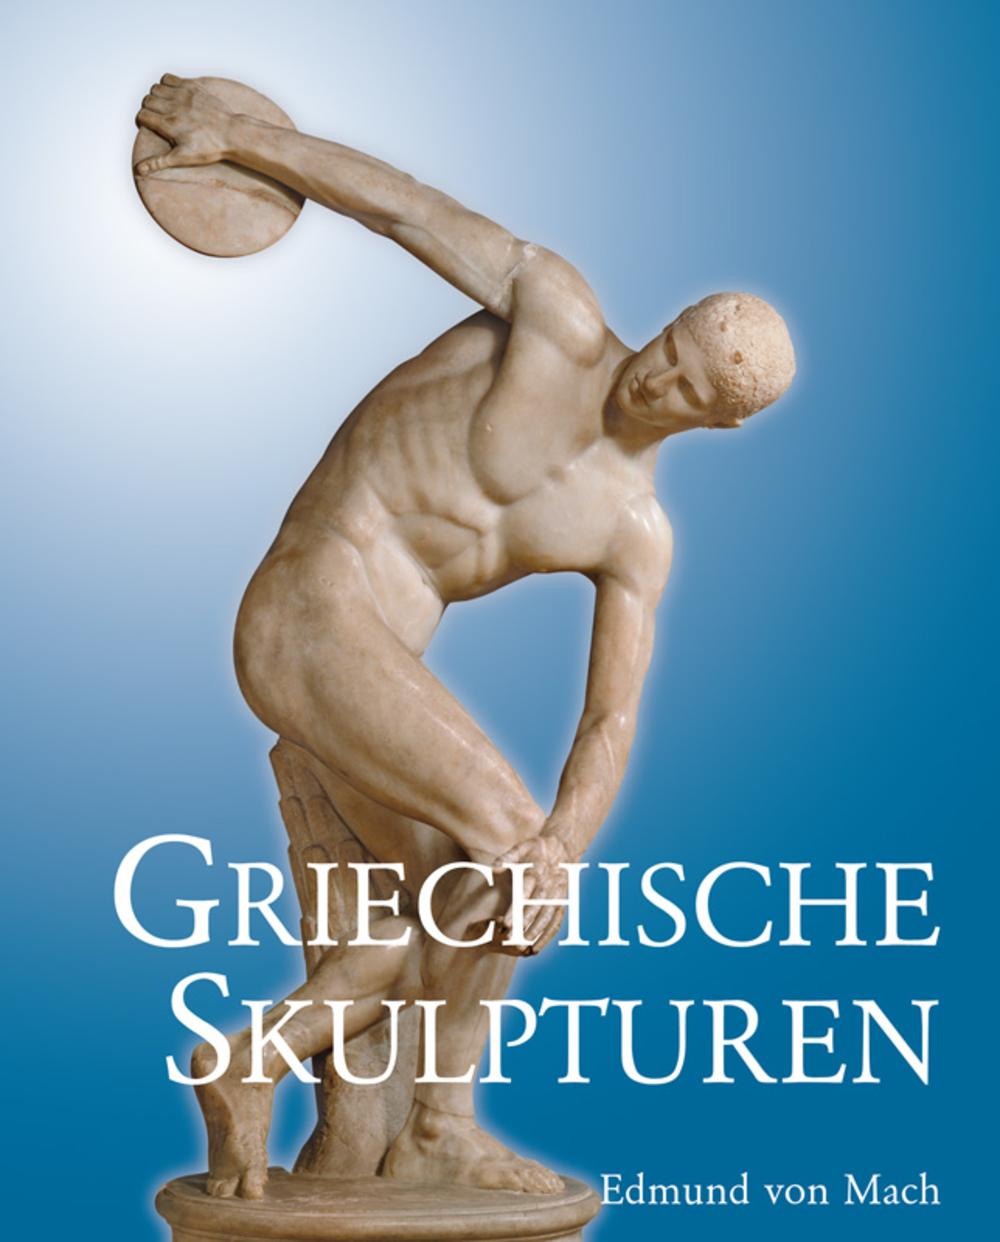 Griechische Skulpturen